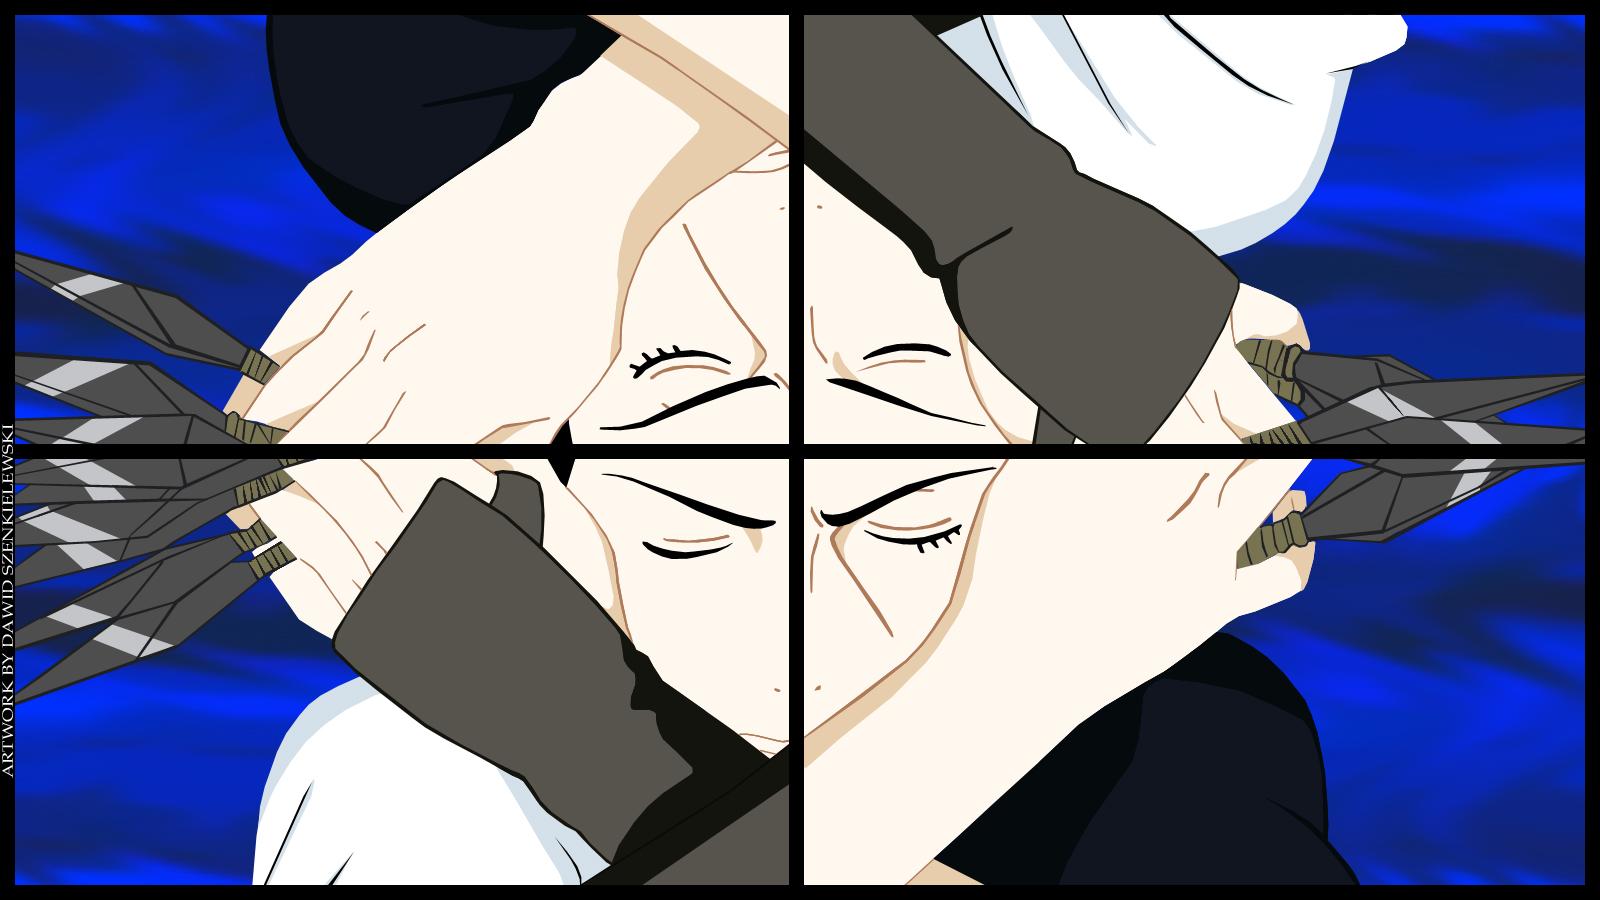 Sasuke vs Itachi by desz19 on DeviantArt